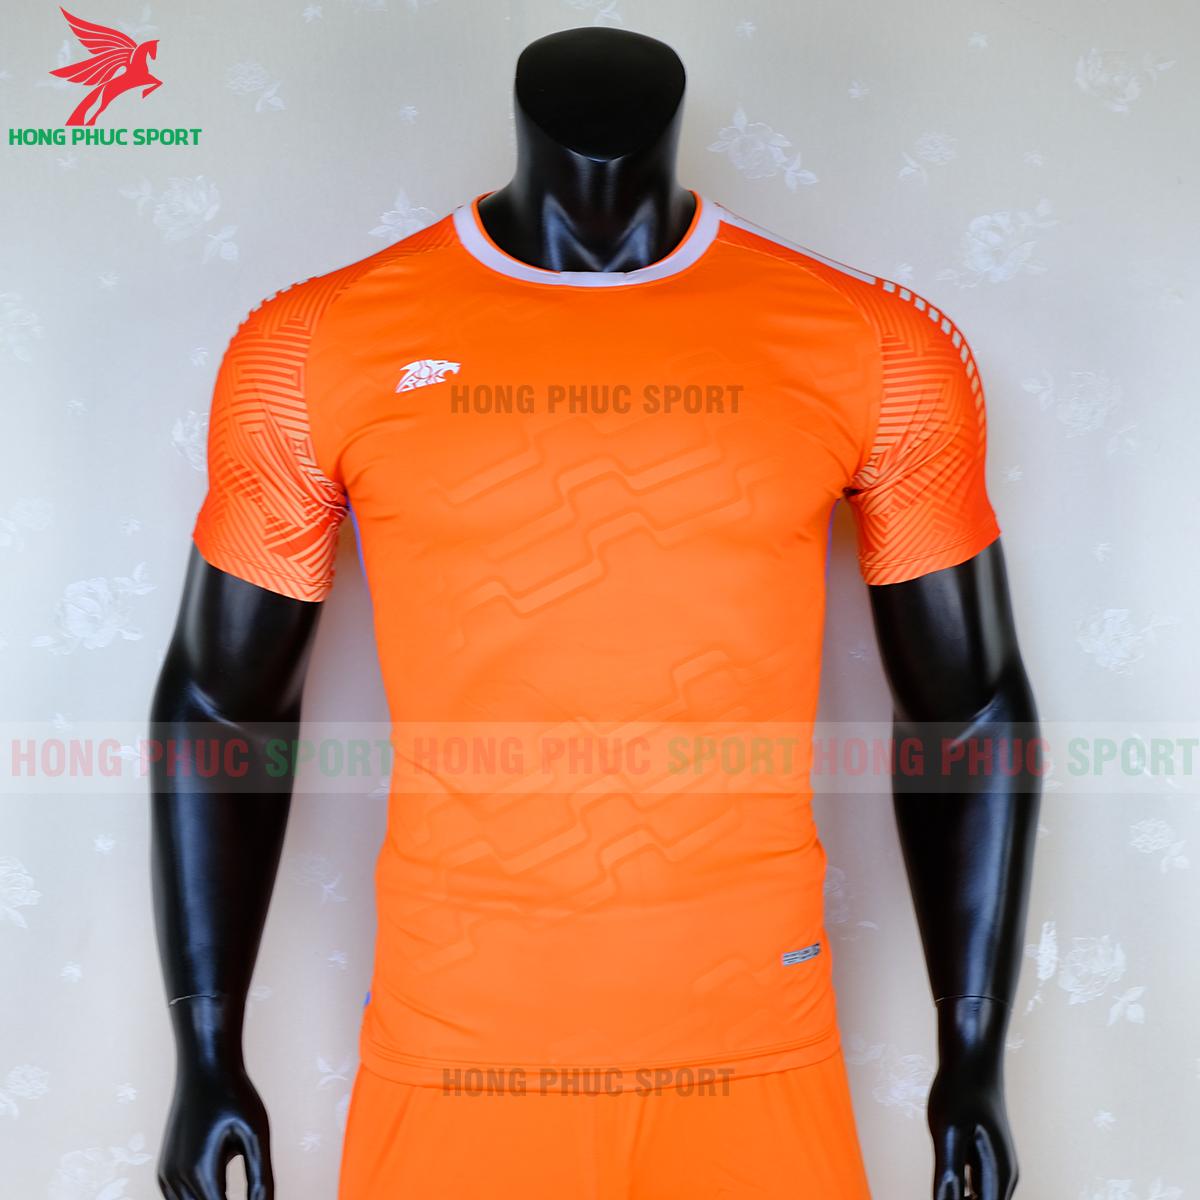 Áo không logo Riki Quator 2020 màu cam (trước)